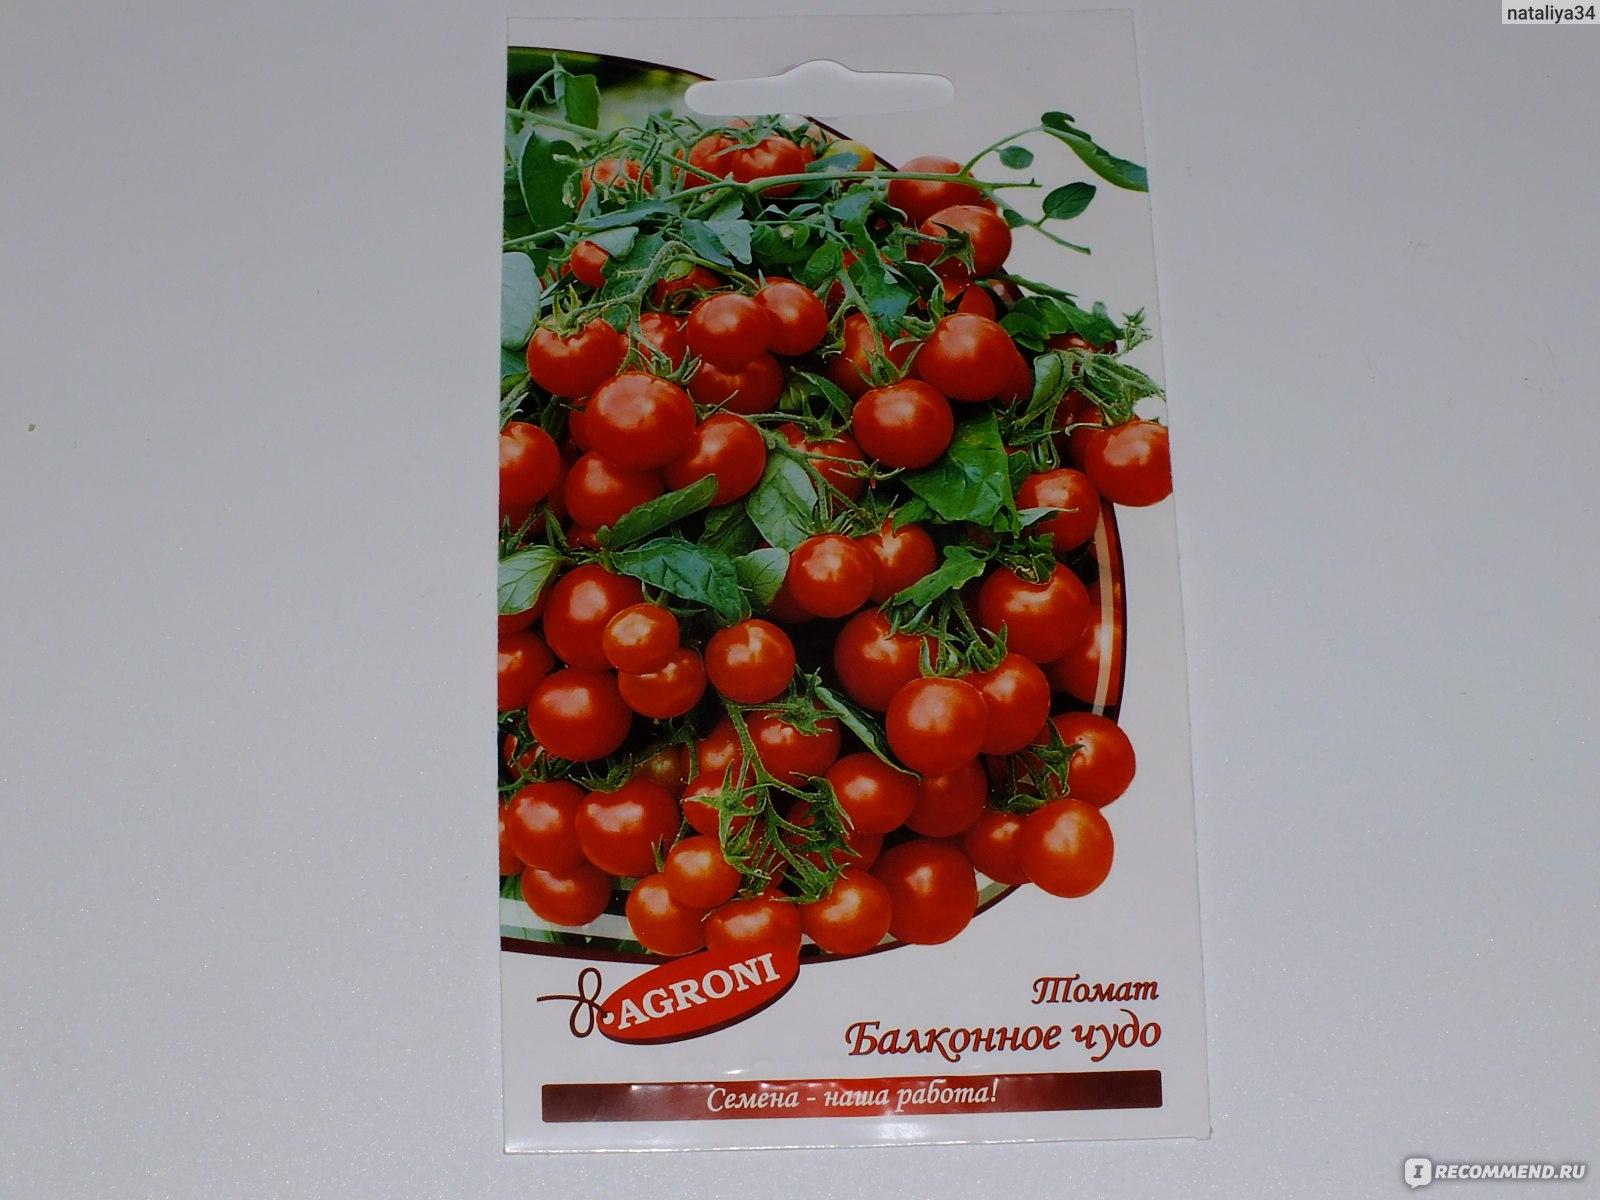 Томат алая гроздь f1: описание, урожайность сорта, фото, отзывы